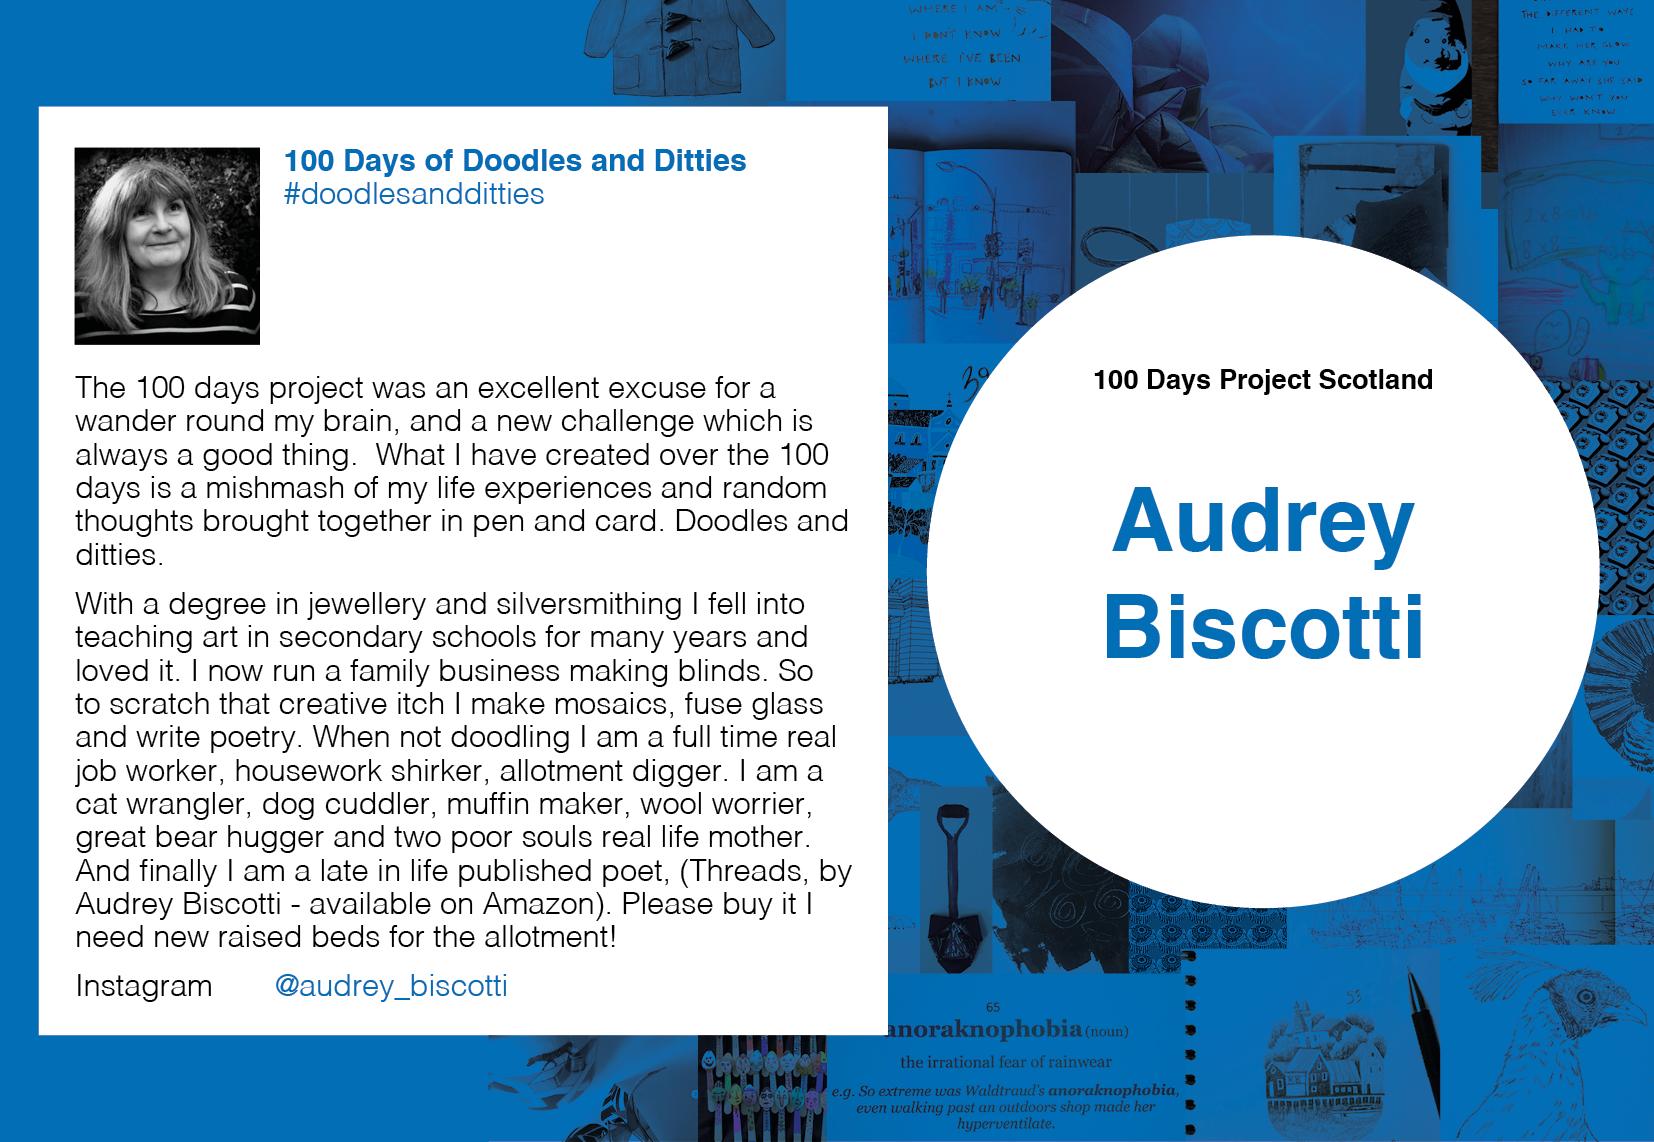 Audrey Biscotti